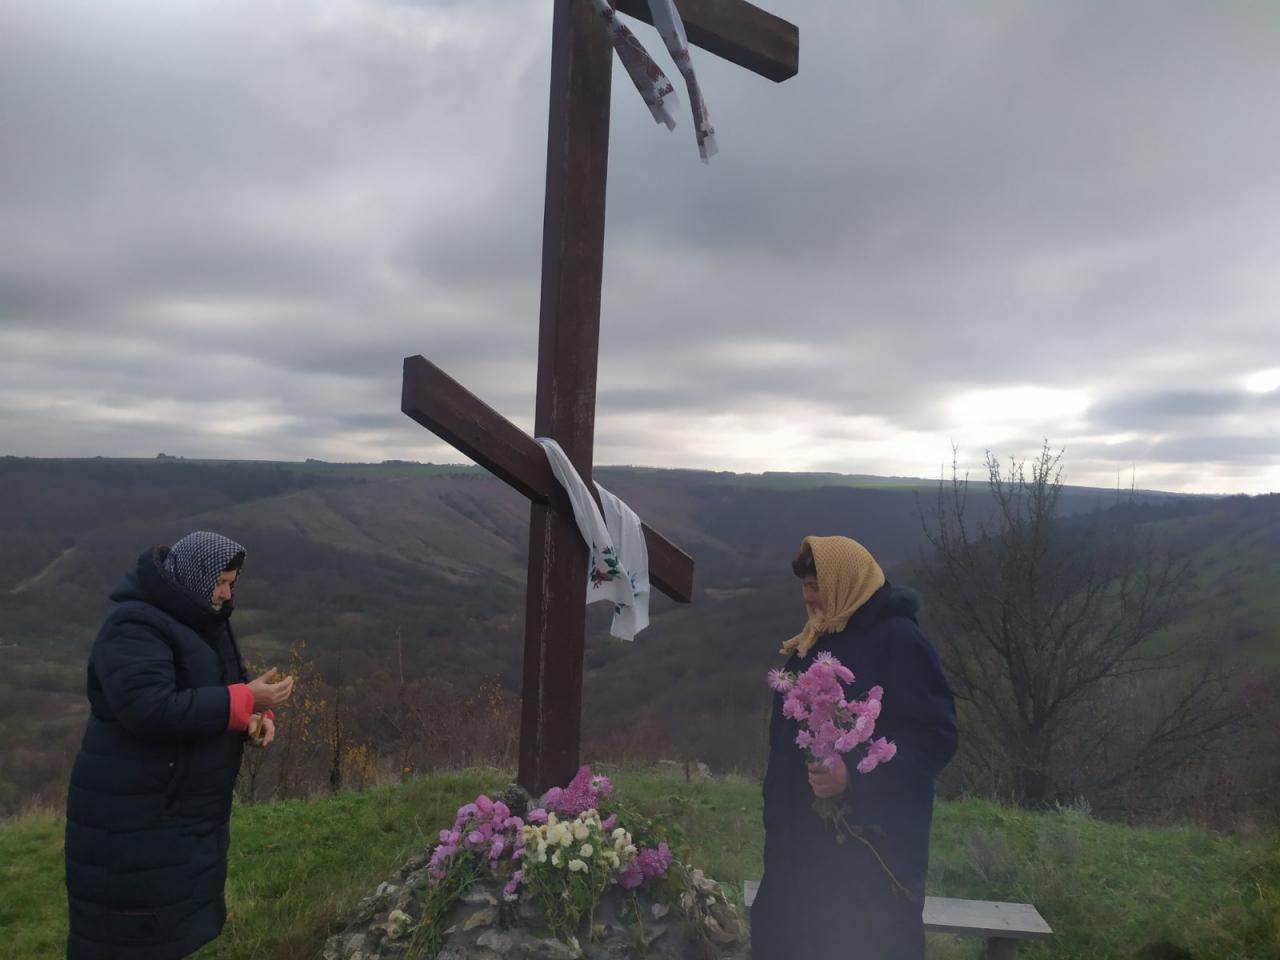 http://dunrada.gov.ua/uploadfile/archive_news/2020/11/21/2020-11-21_5485/images/images-31877.jpg